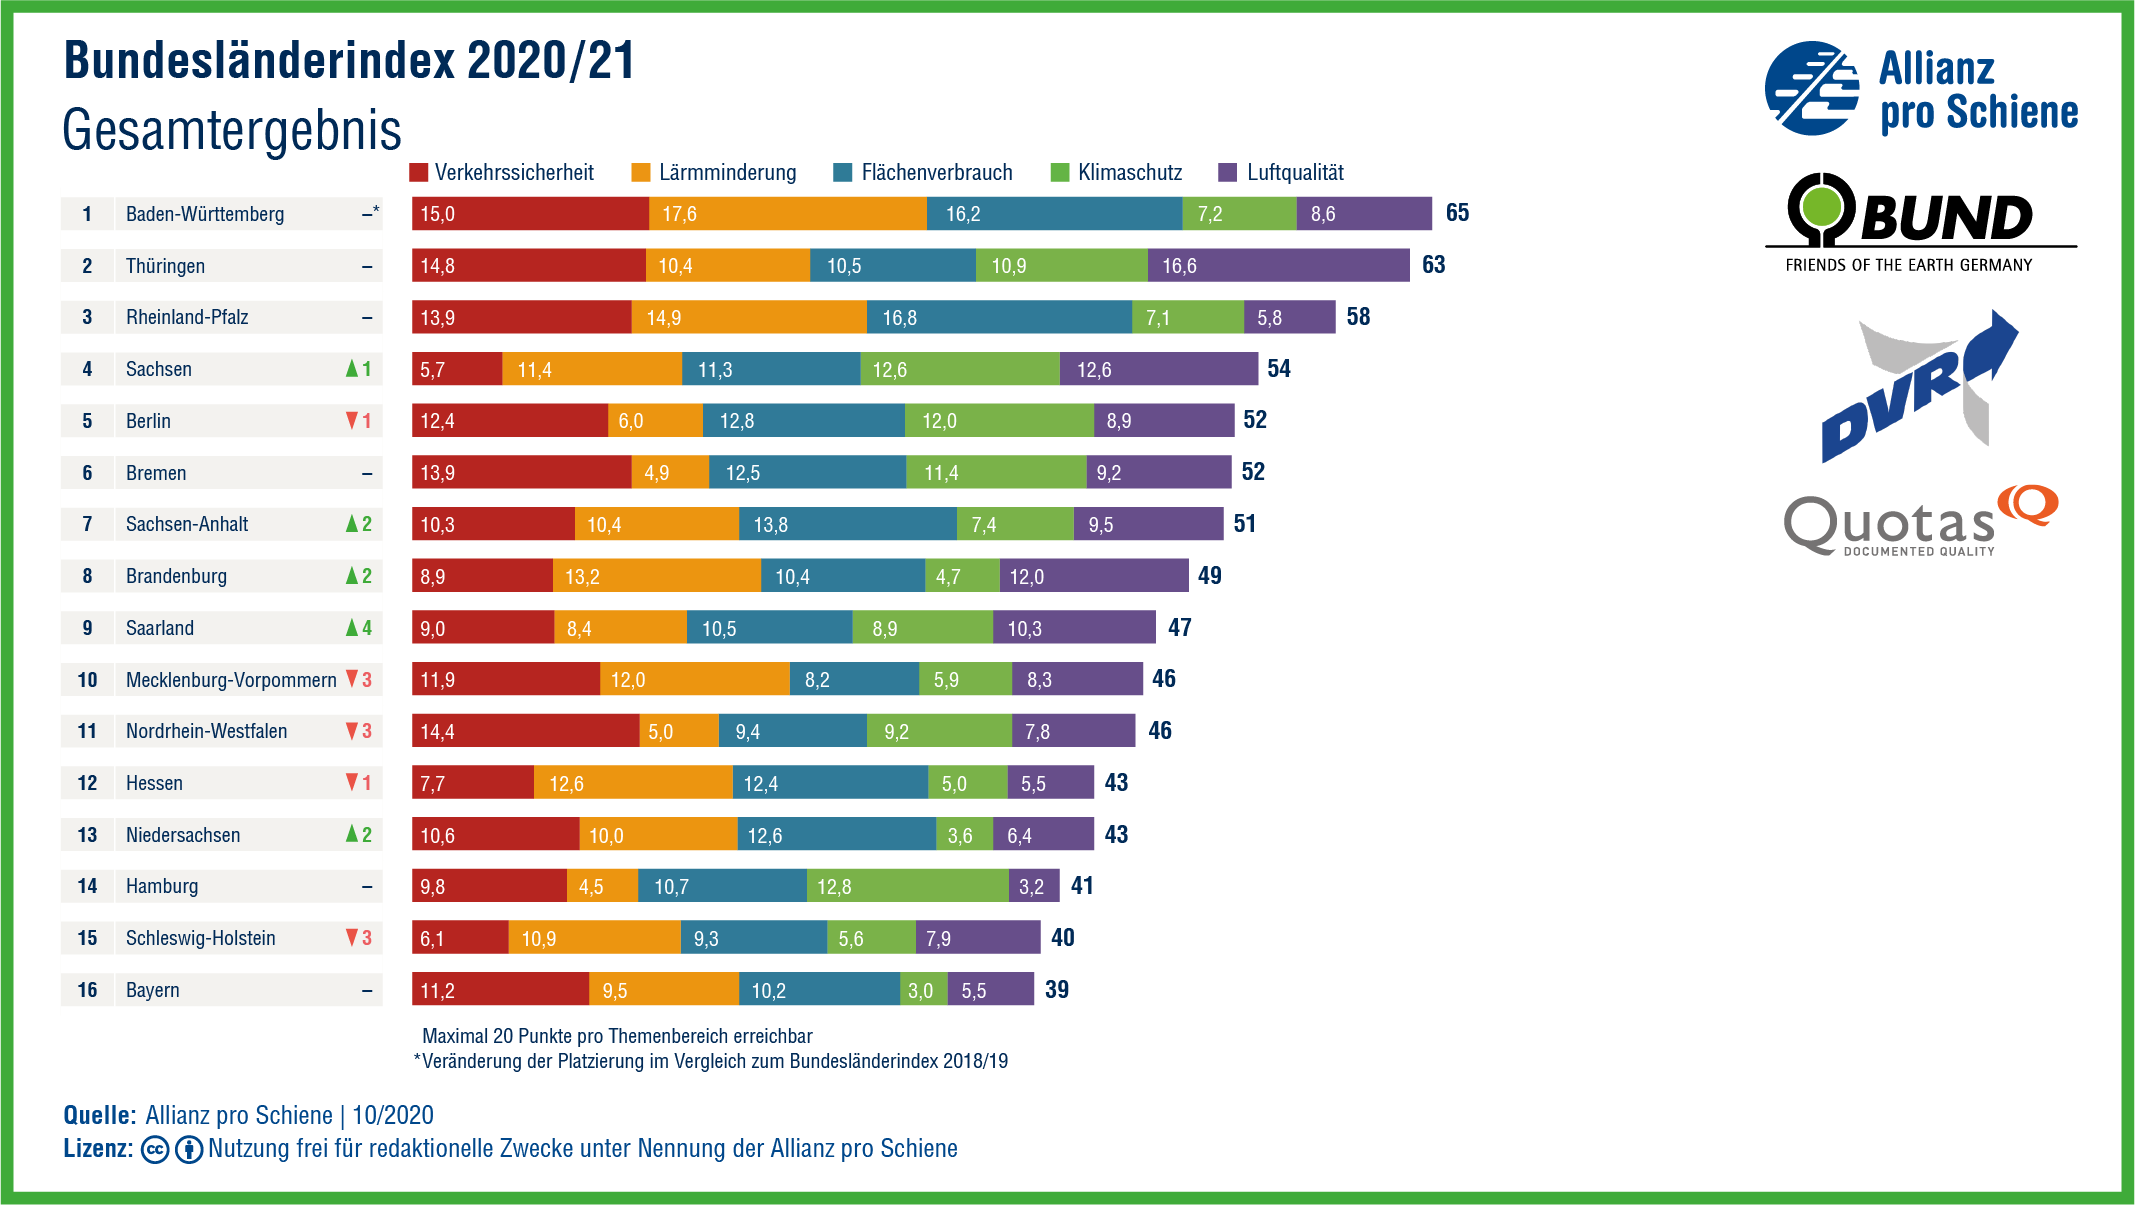 Das Gesamtergebnis des Bundesländerindex Mobilität und Umwelt 2020